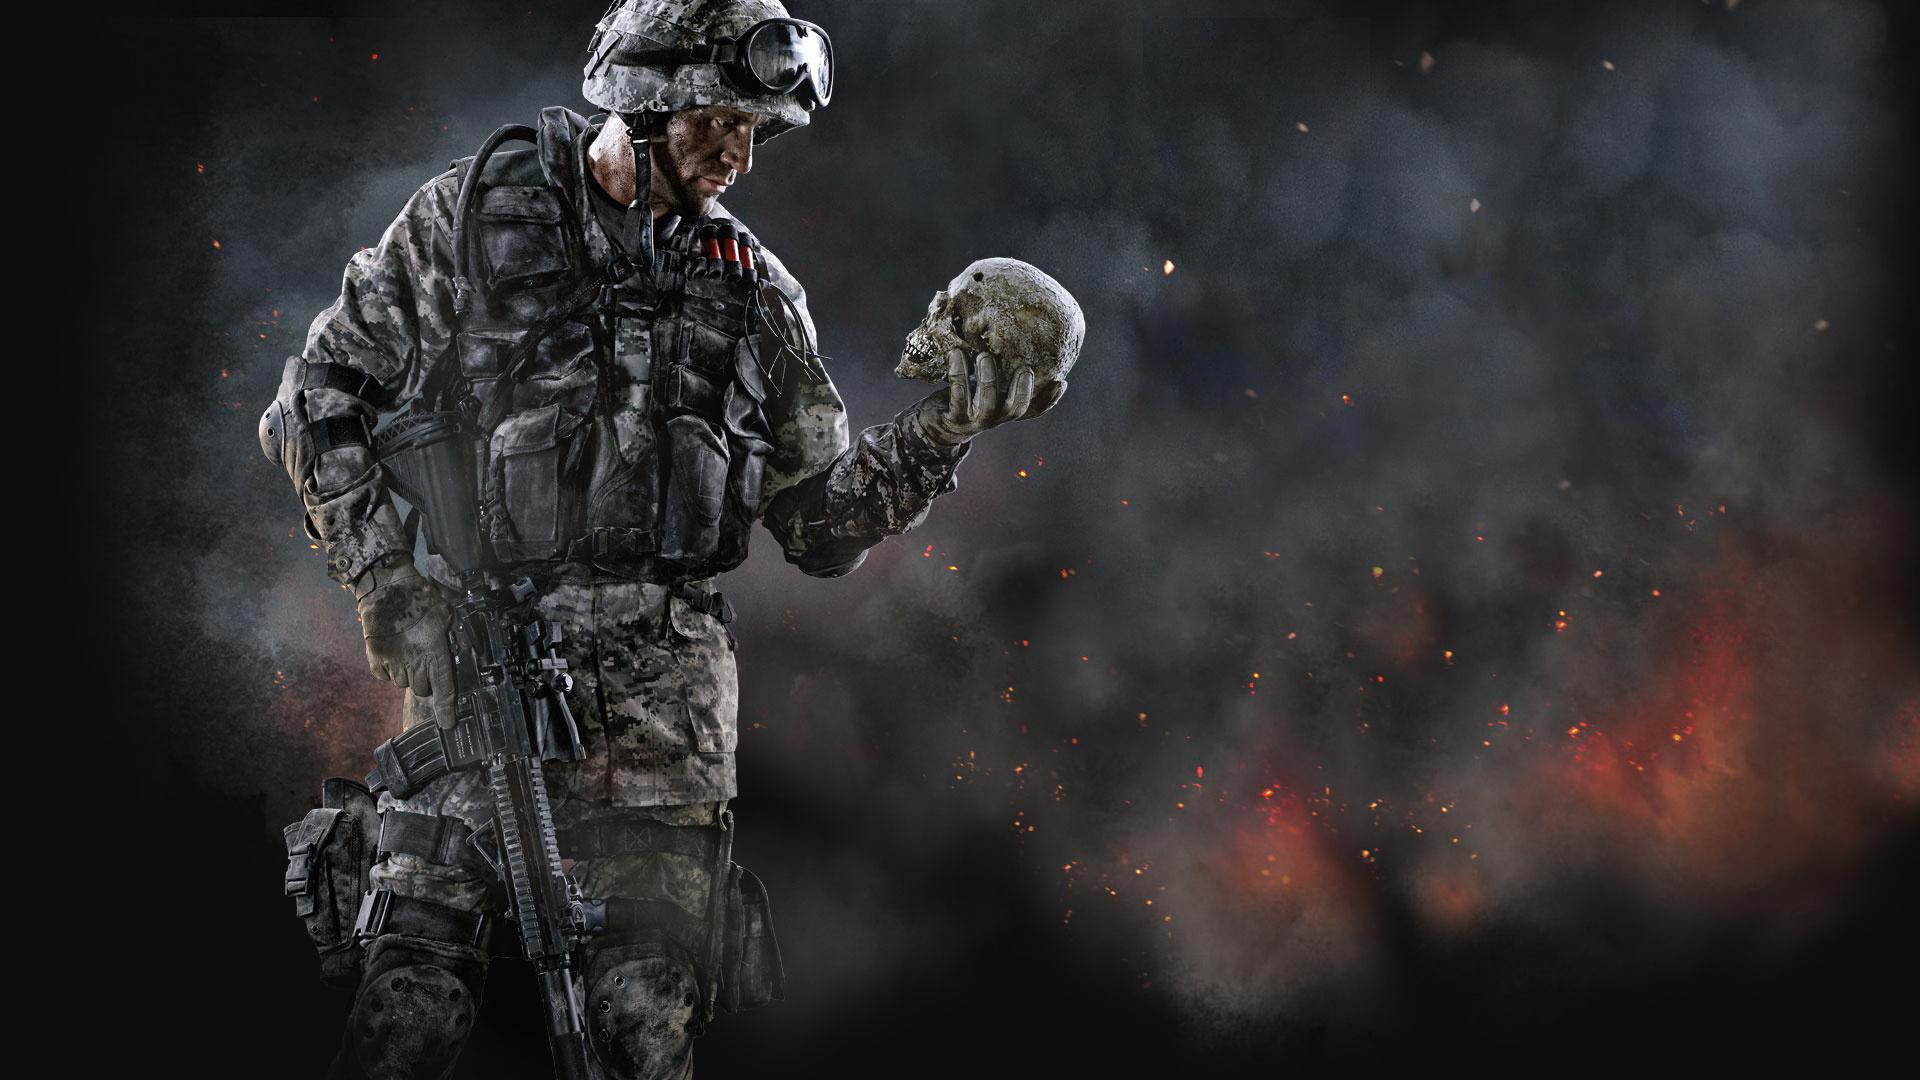 Best 48 Soldier Desktop Backgrounds on HipWallpaper Attractive 1920x1080